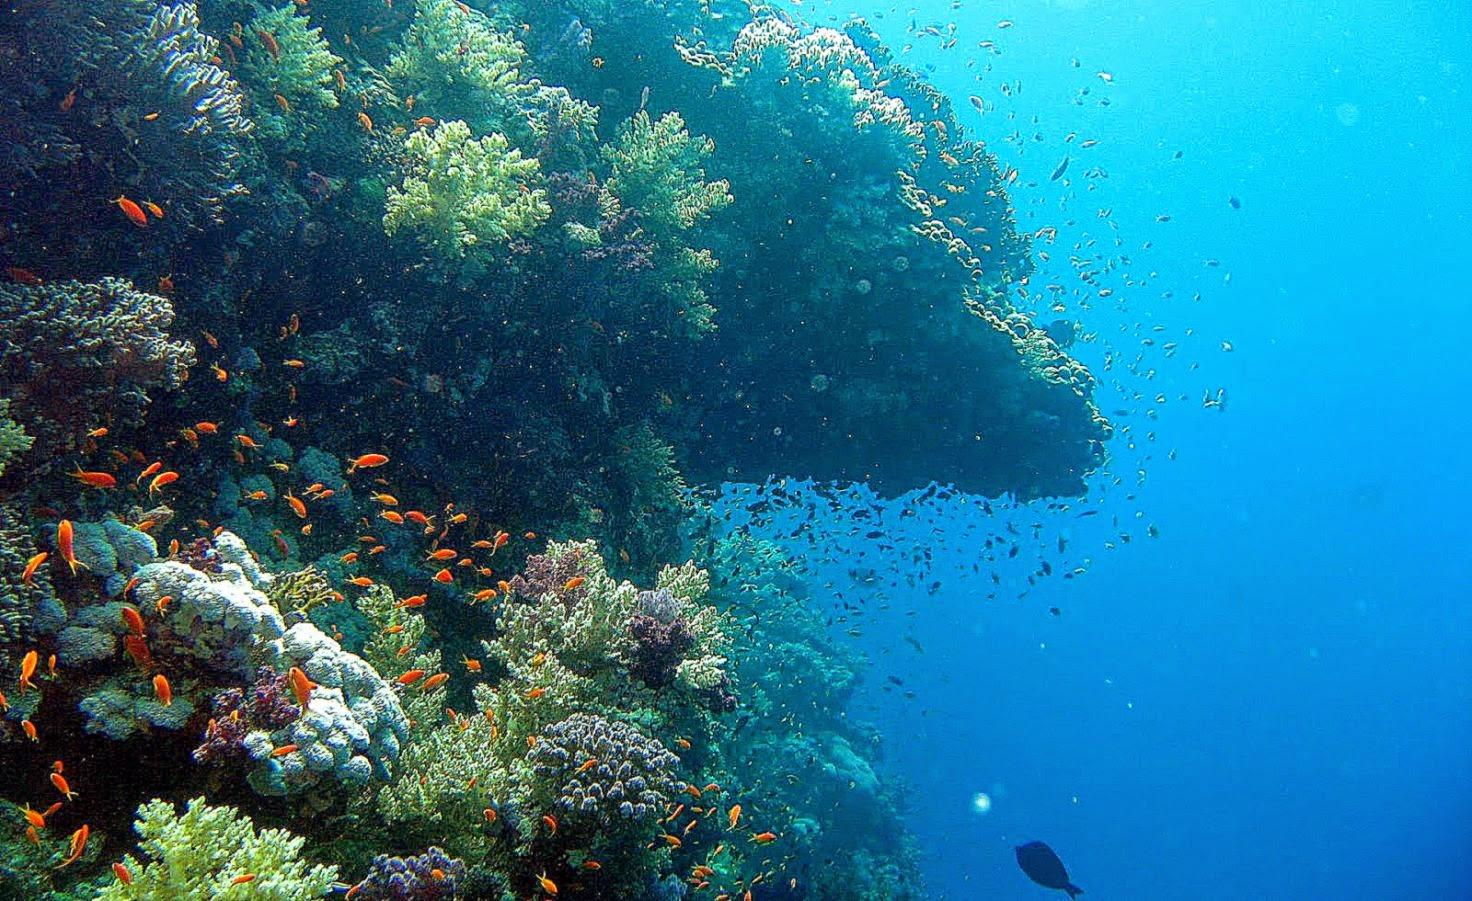 странице изображения фото океана под водой обои